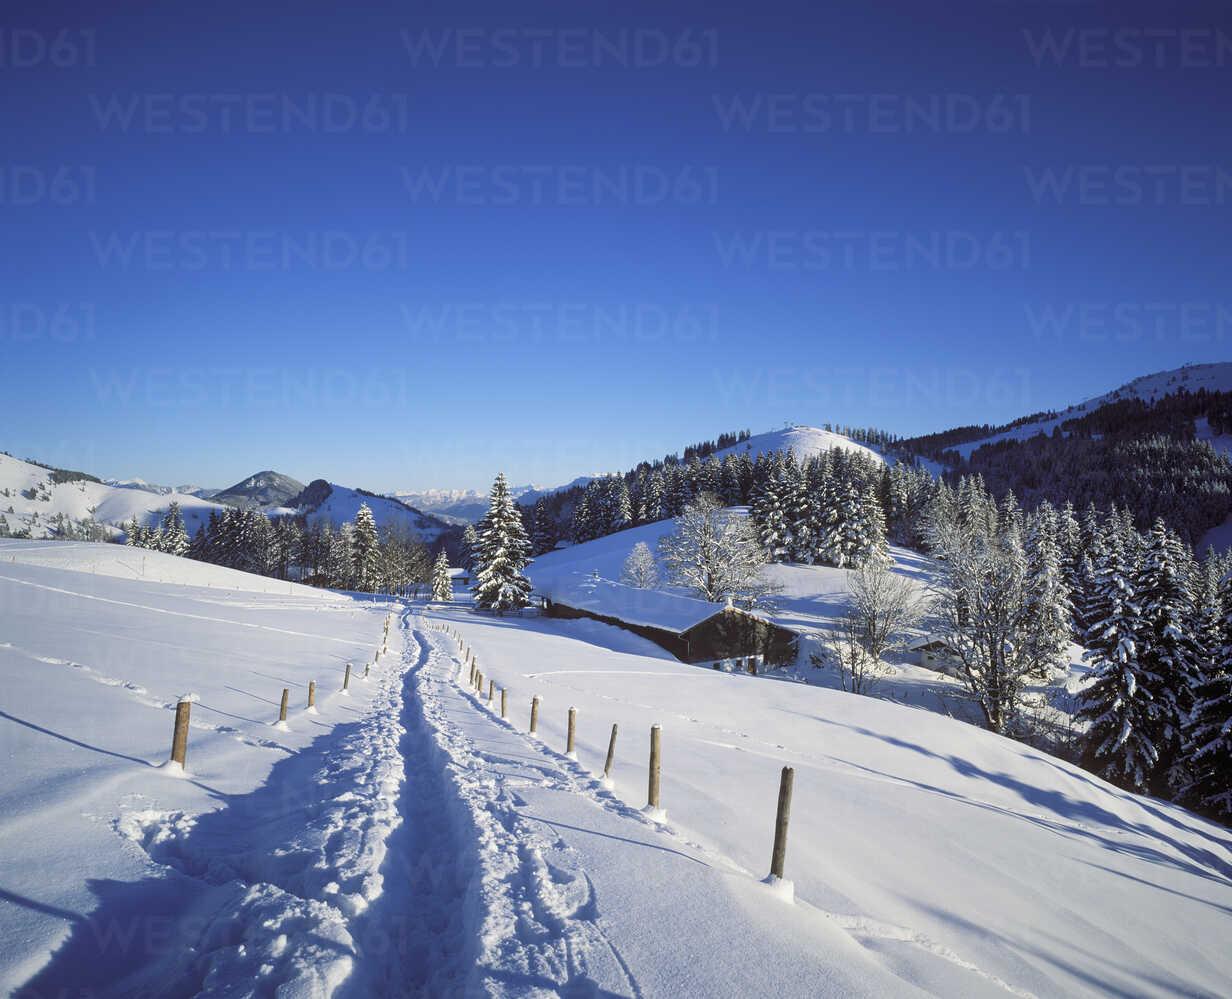 Germany, Bavaria, Upper Bavaria, Manfall Mountains, near Bayrischzell, Sudelfeld - SIEF005329 - Martin Siepmann/Westend61